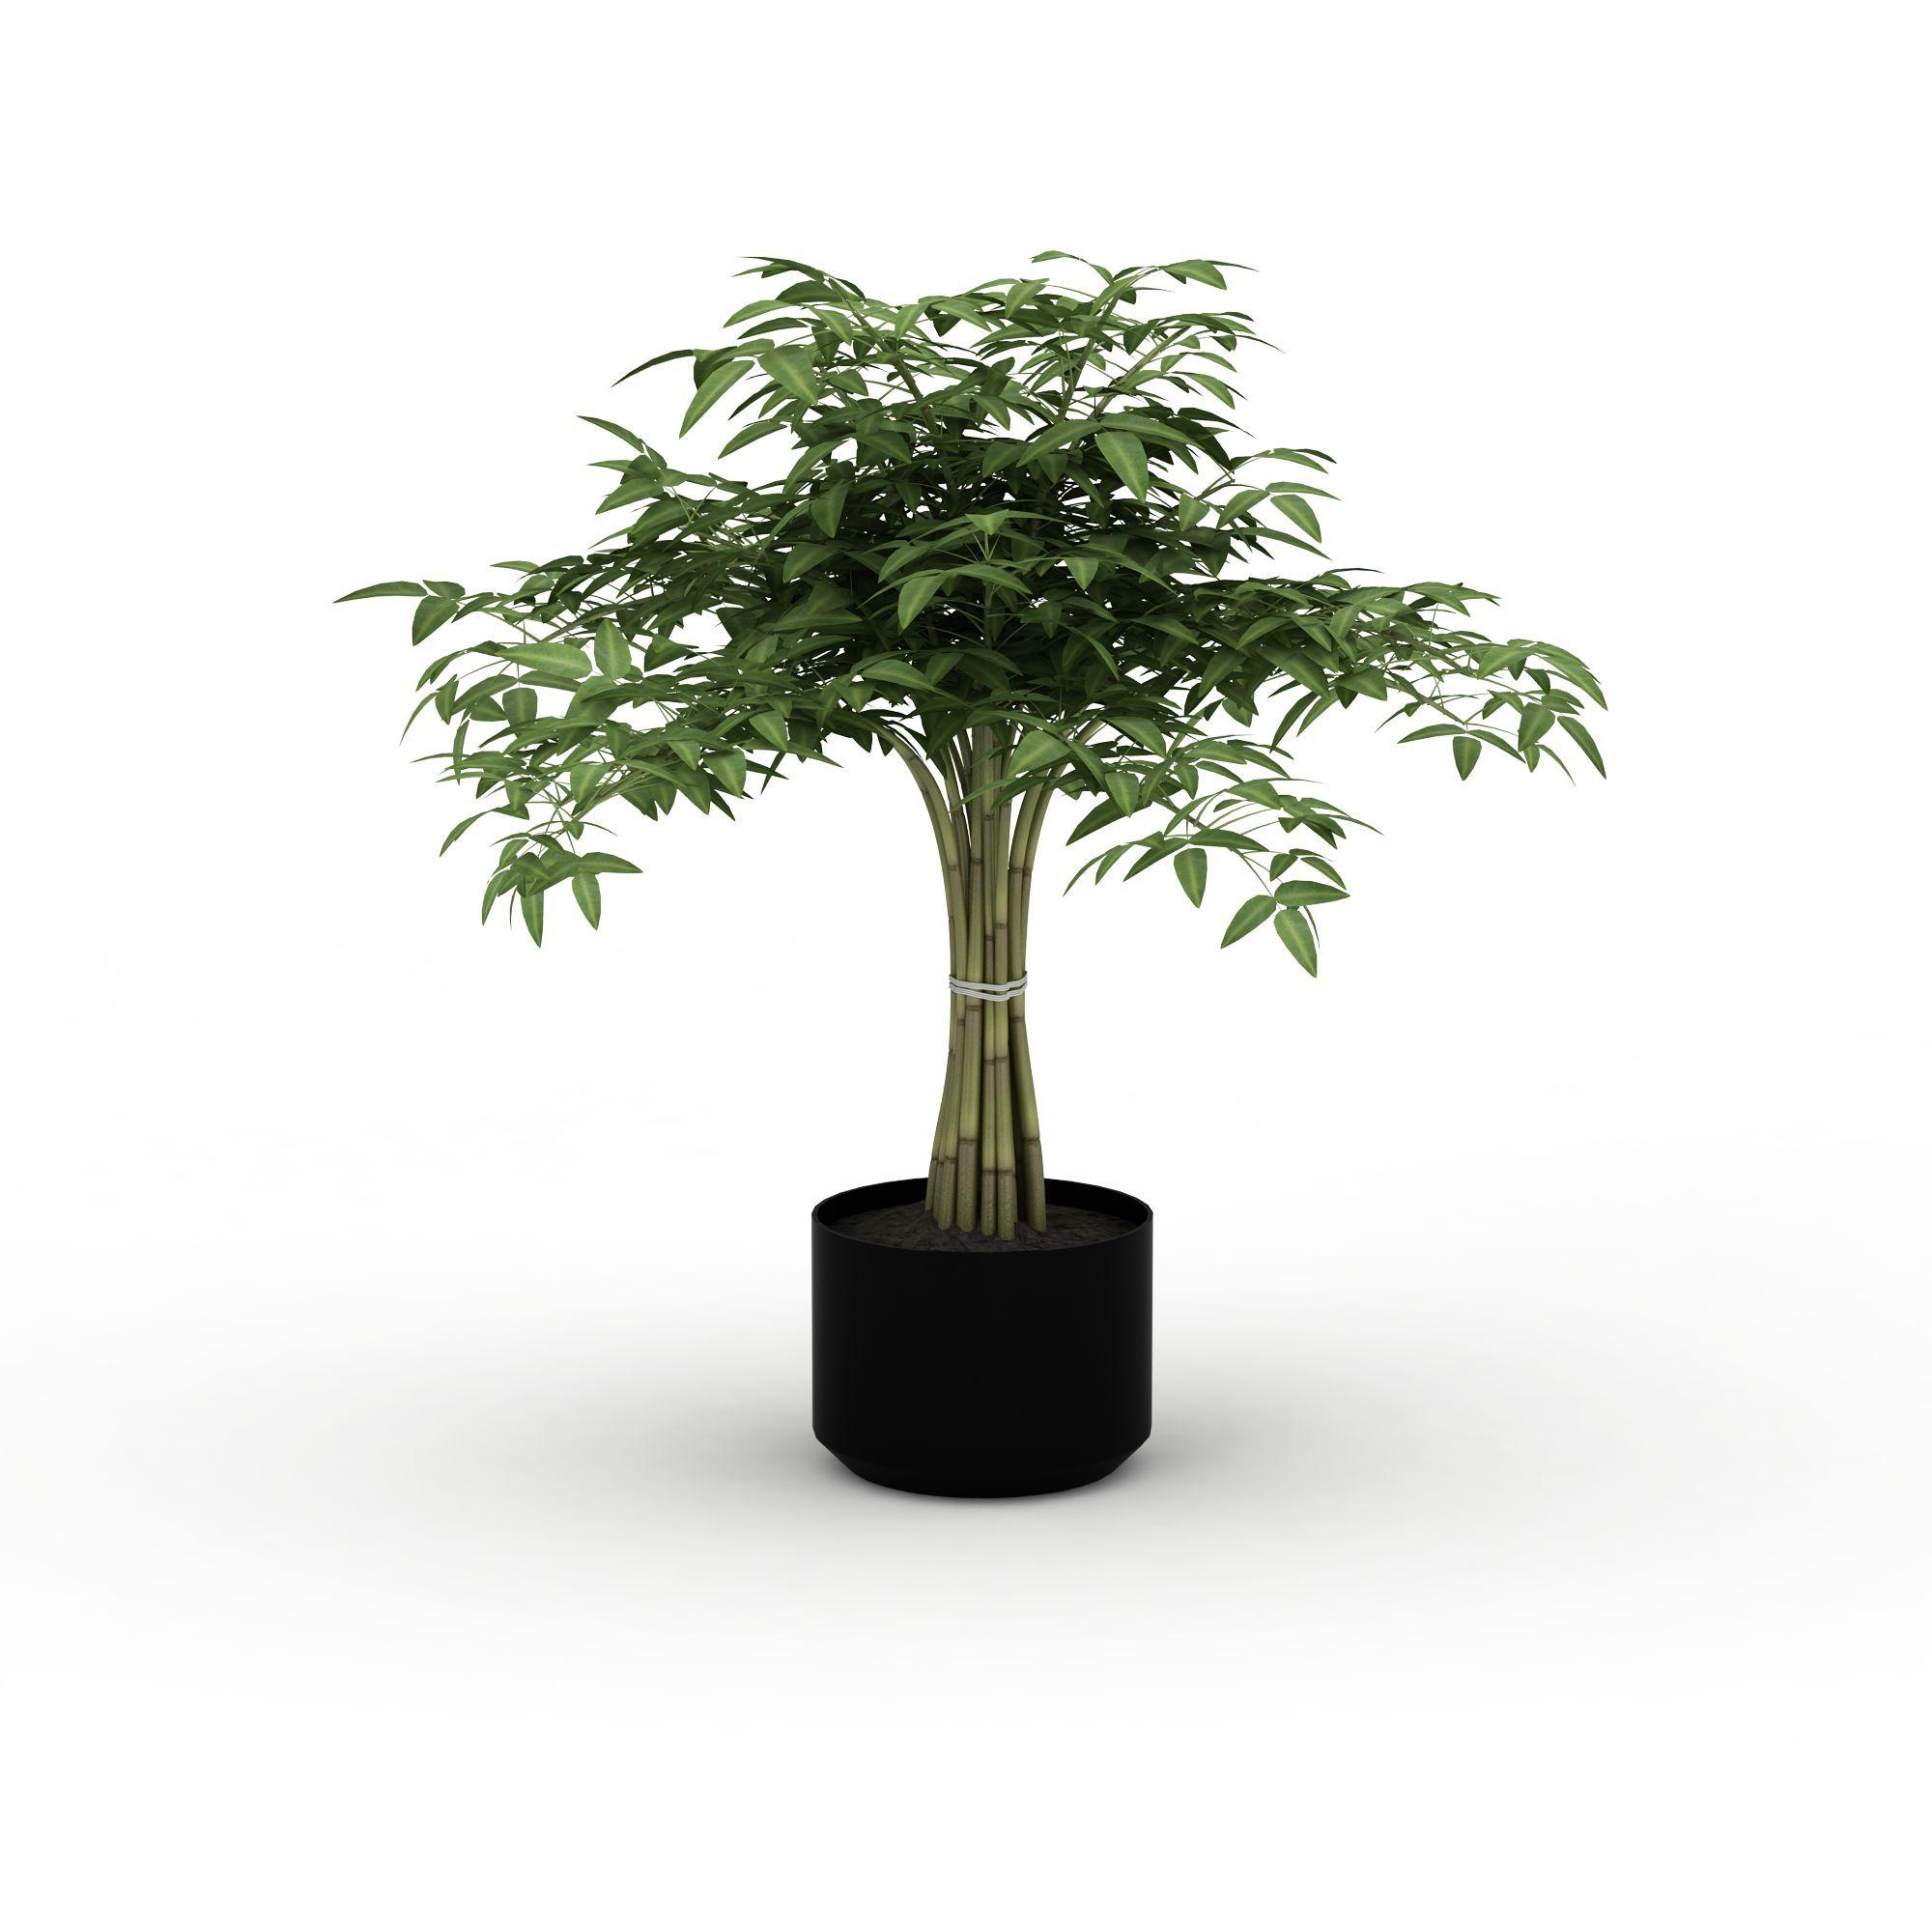 植物 花草 富贵树盆景3d模型 富贵树盆景png高清图  富贵树盆景高清图